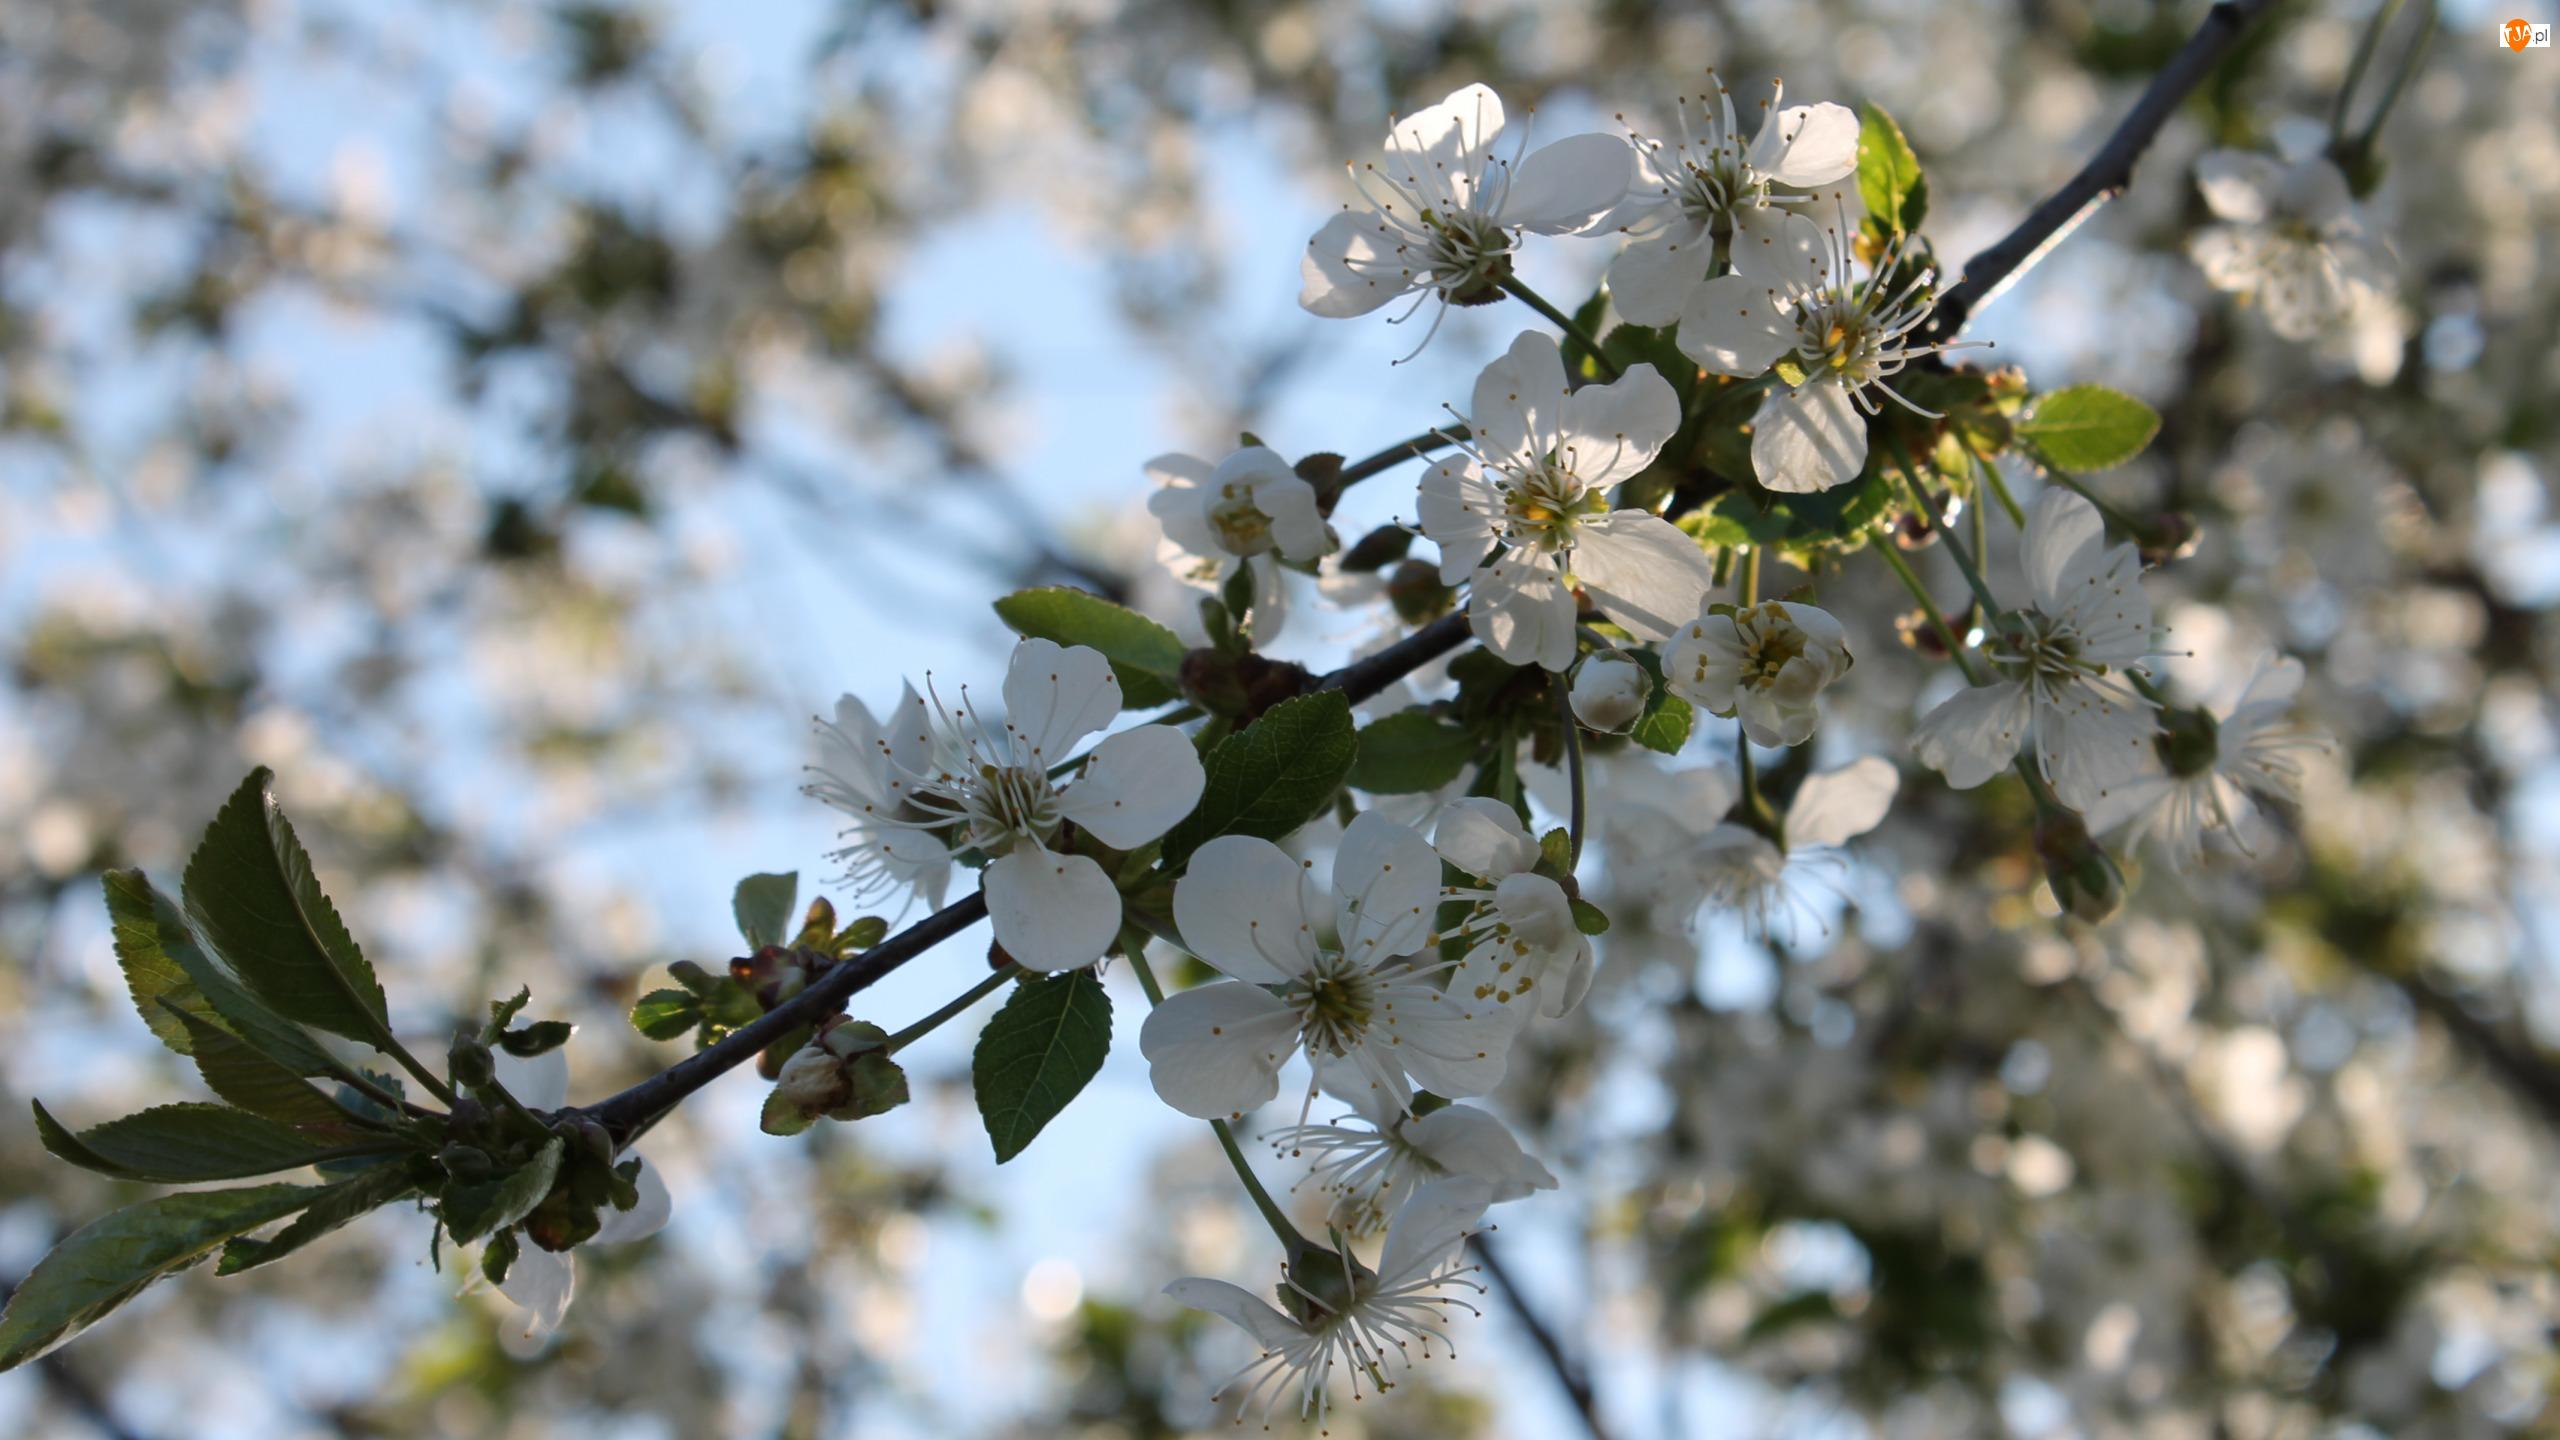 Drzewo owocowe, Listki, Kwiaty, Białe, Gałązka